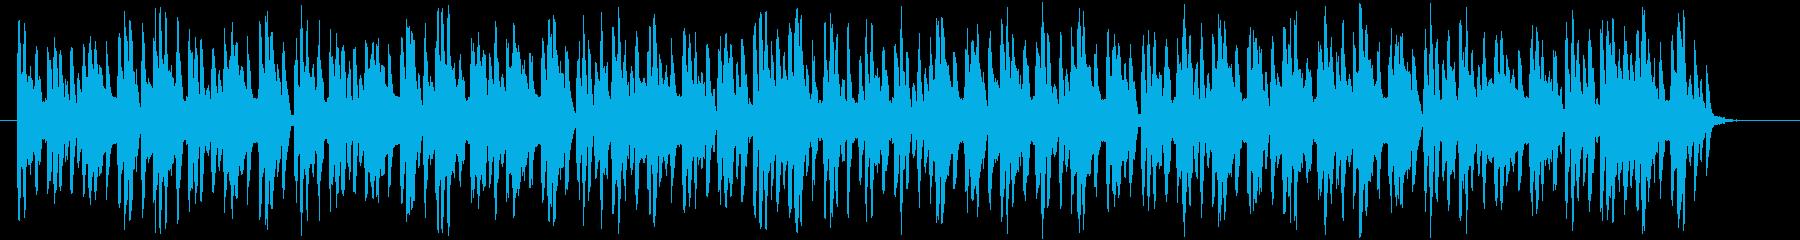 魔法がありそうな日常・異世界系BGM1の再生済みの波形